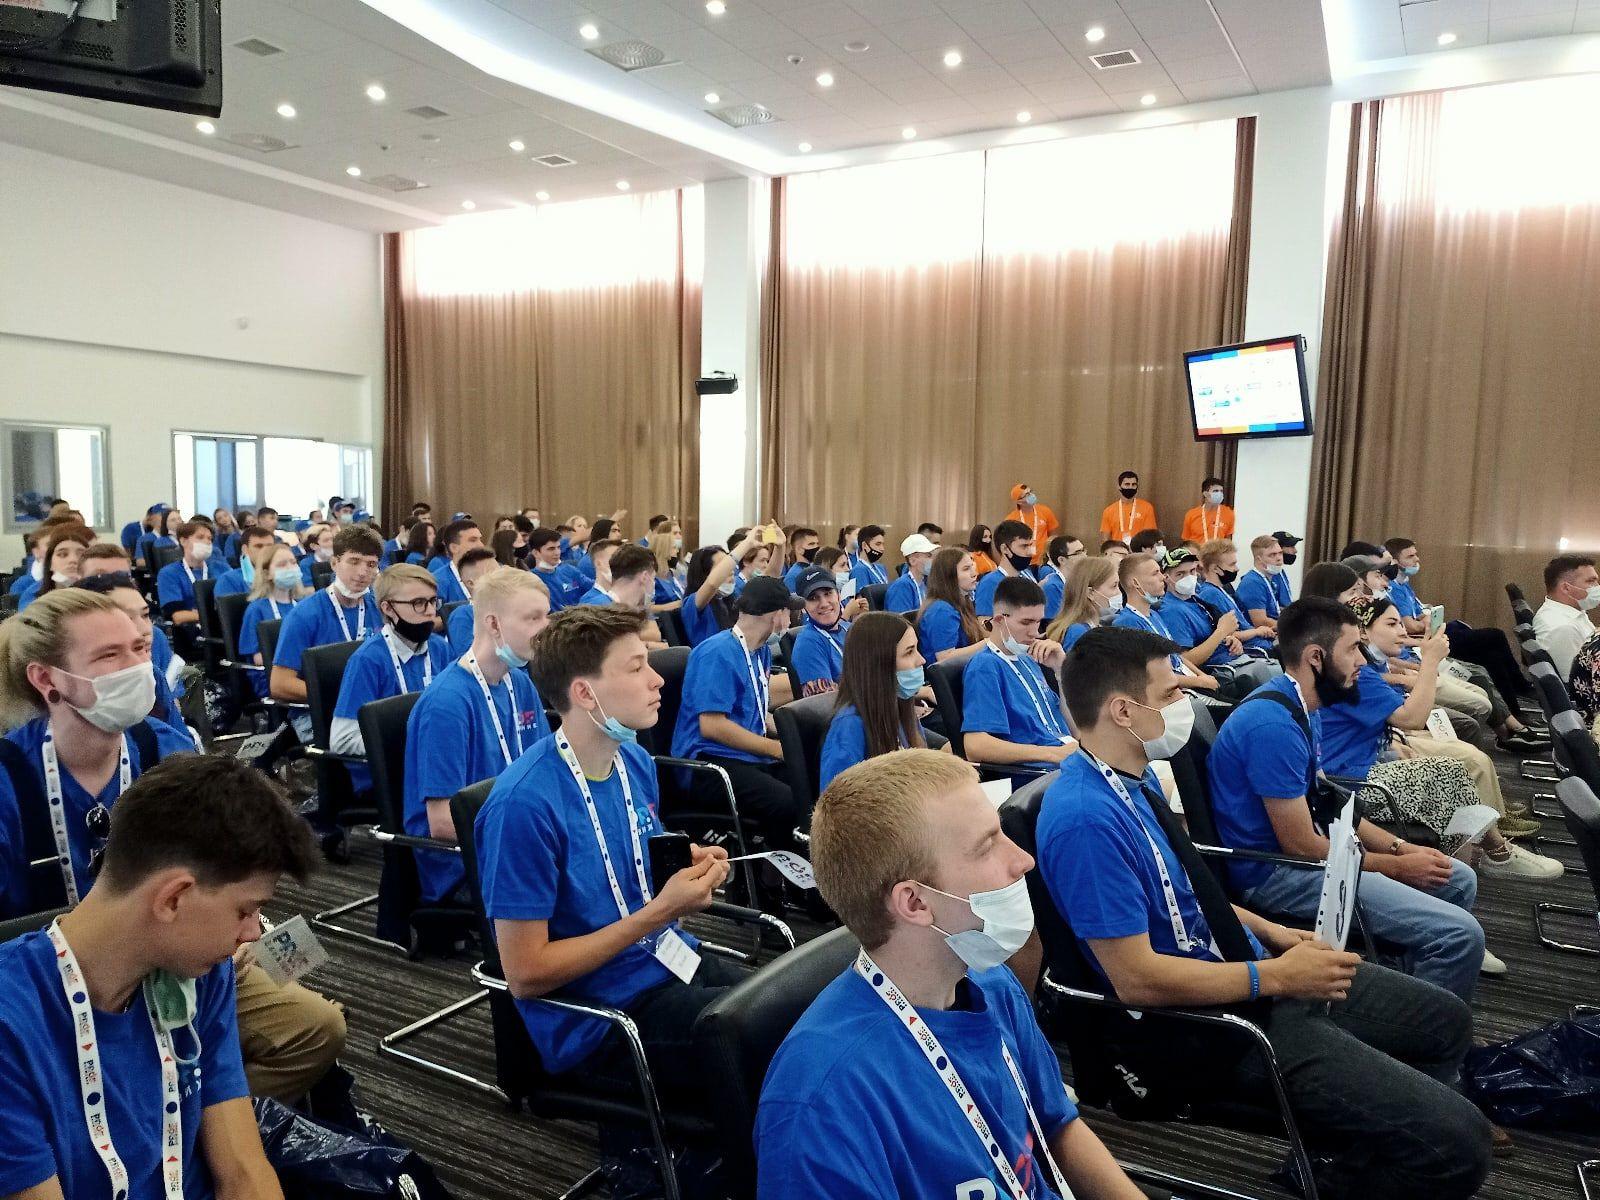 VII Всероссийский форум «PROFдвижение» стартовал в Набережных Челнах